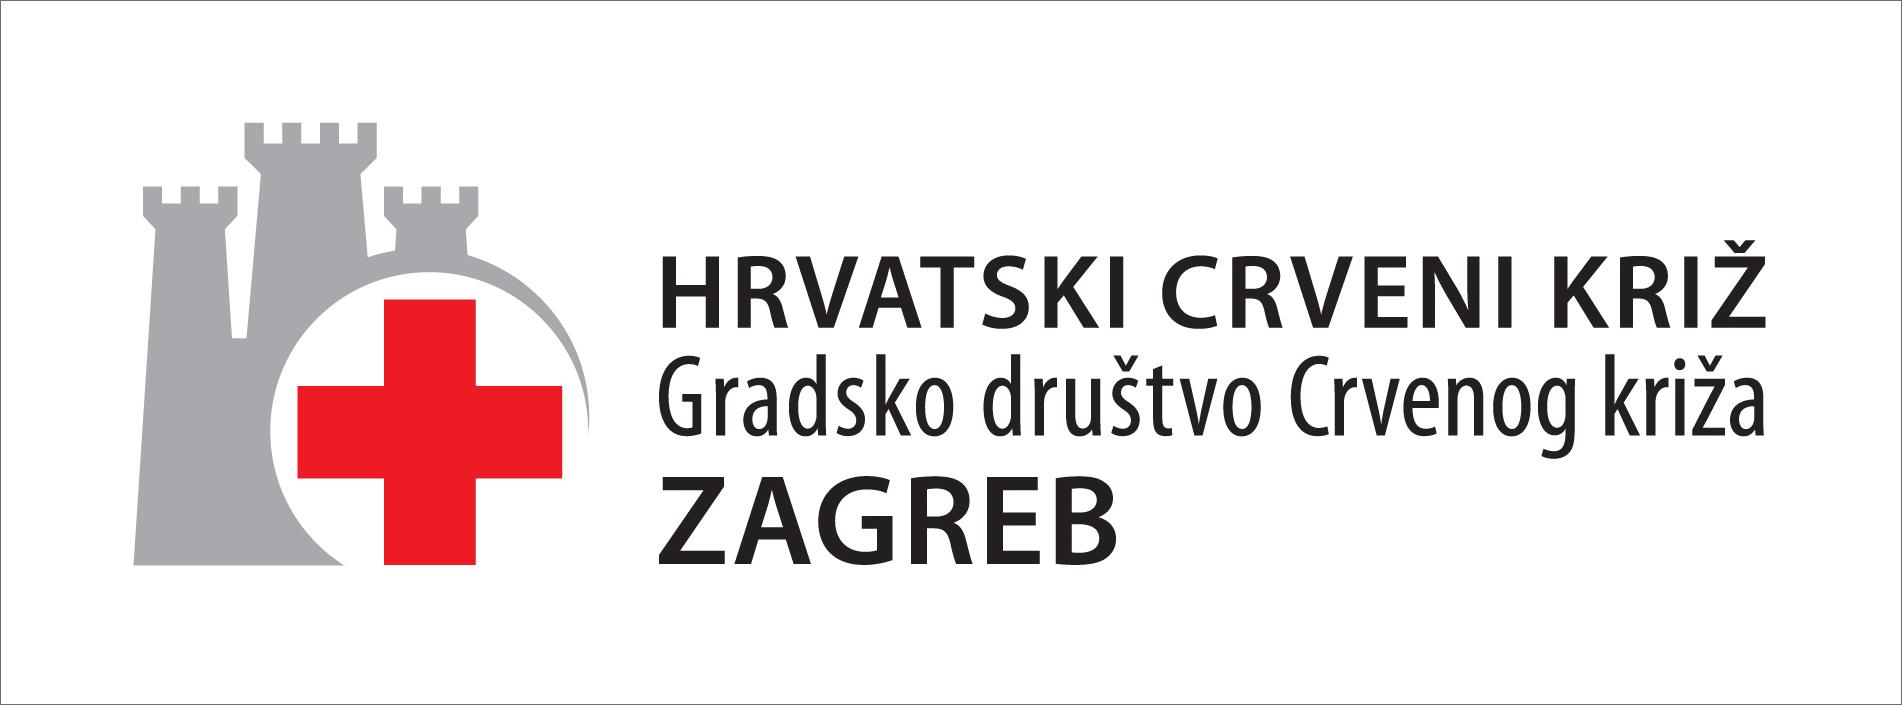 Red Cross, Zagreb branch, logo